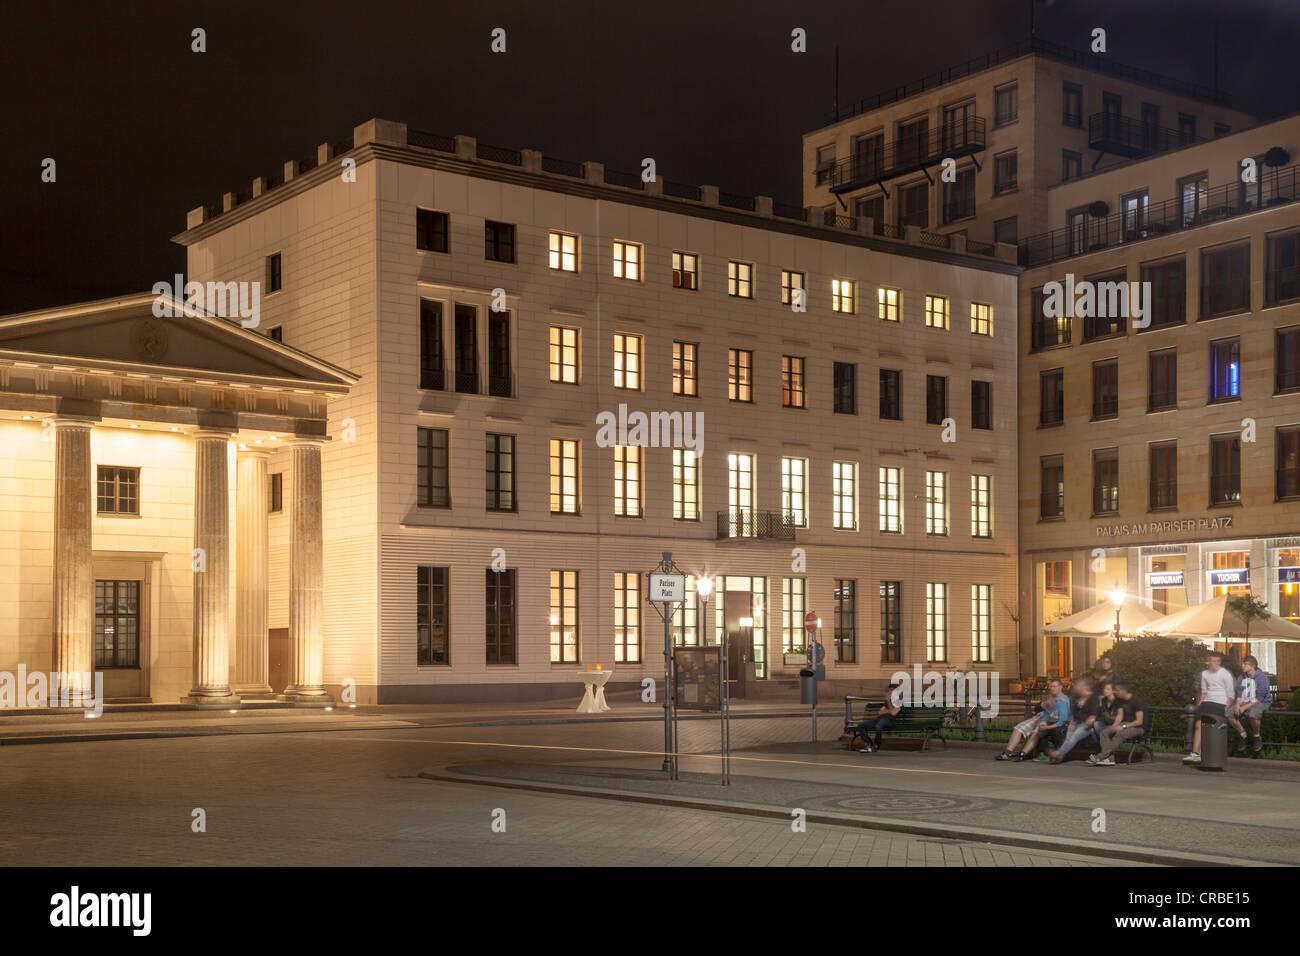 Max Liebermann Haus, Pariser Platz, Berlin, Deutschland Stockfoto